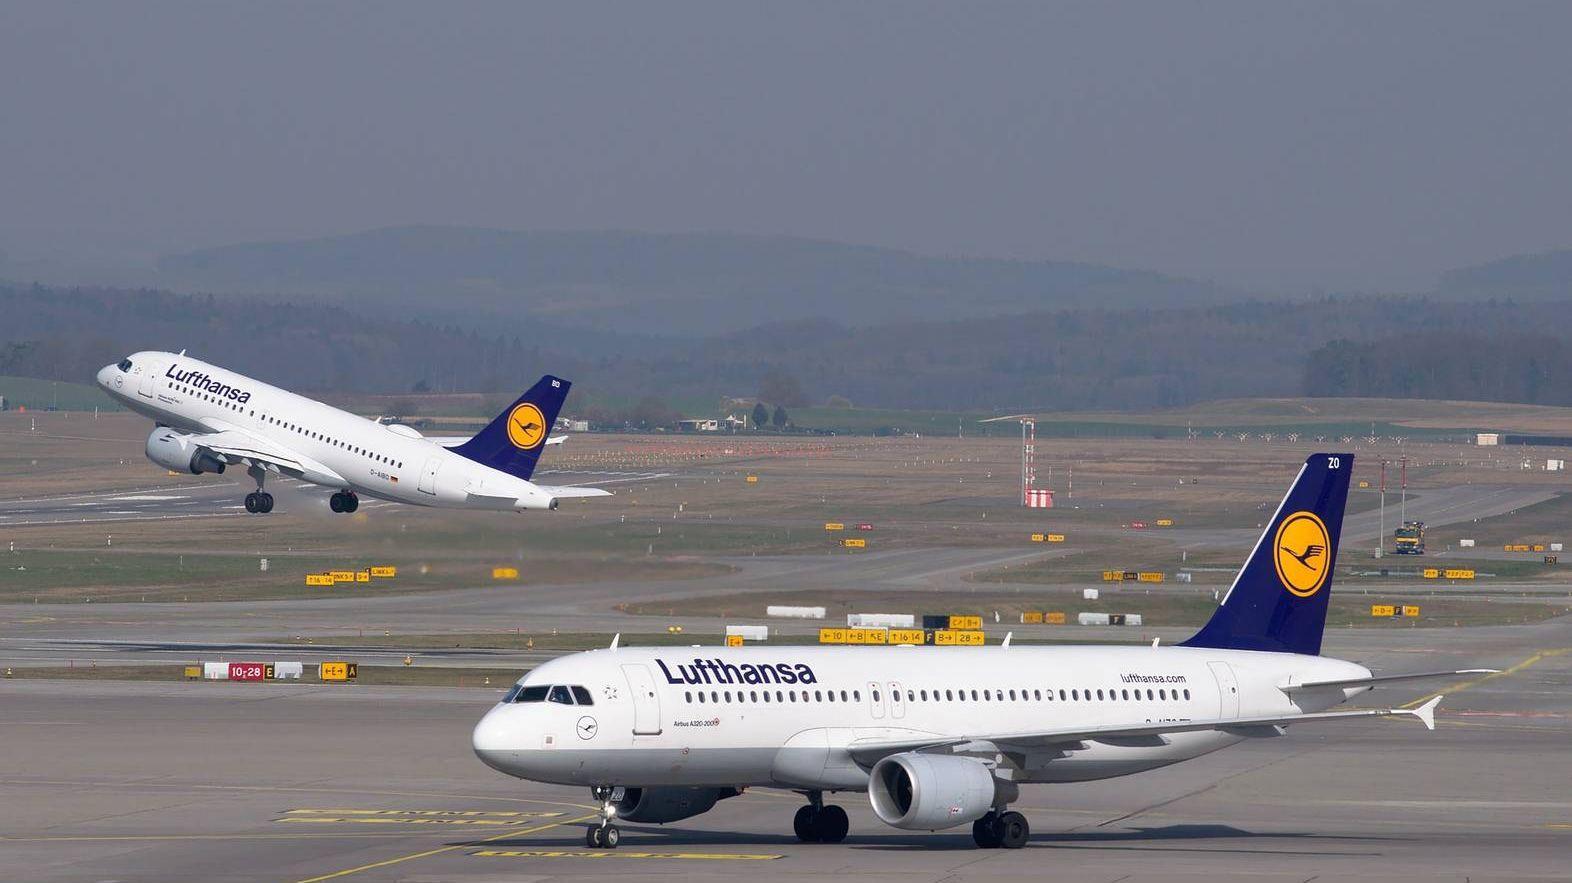 Забастовка ваэропортах ФРГ угрожает массовой отменой рейсов